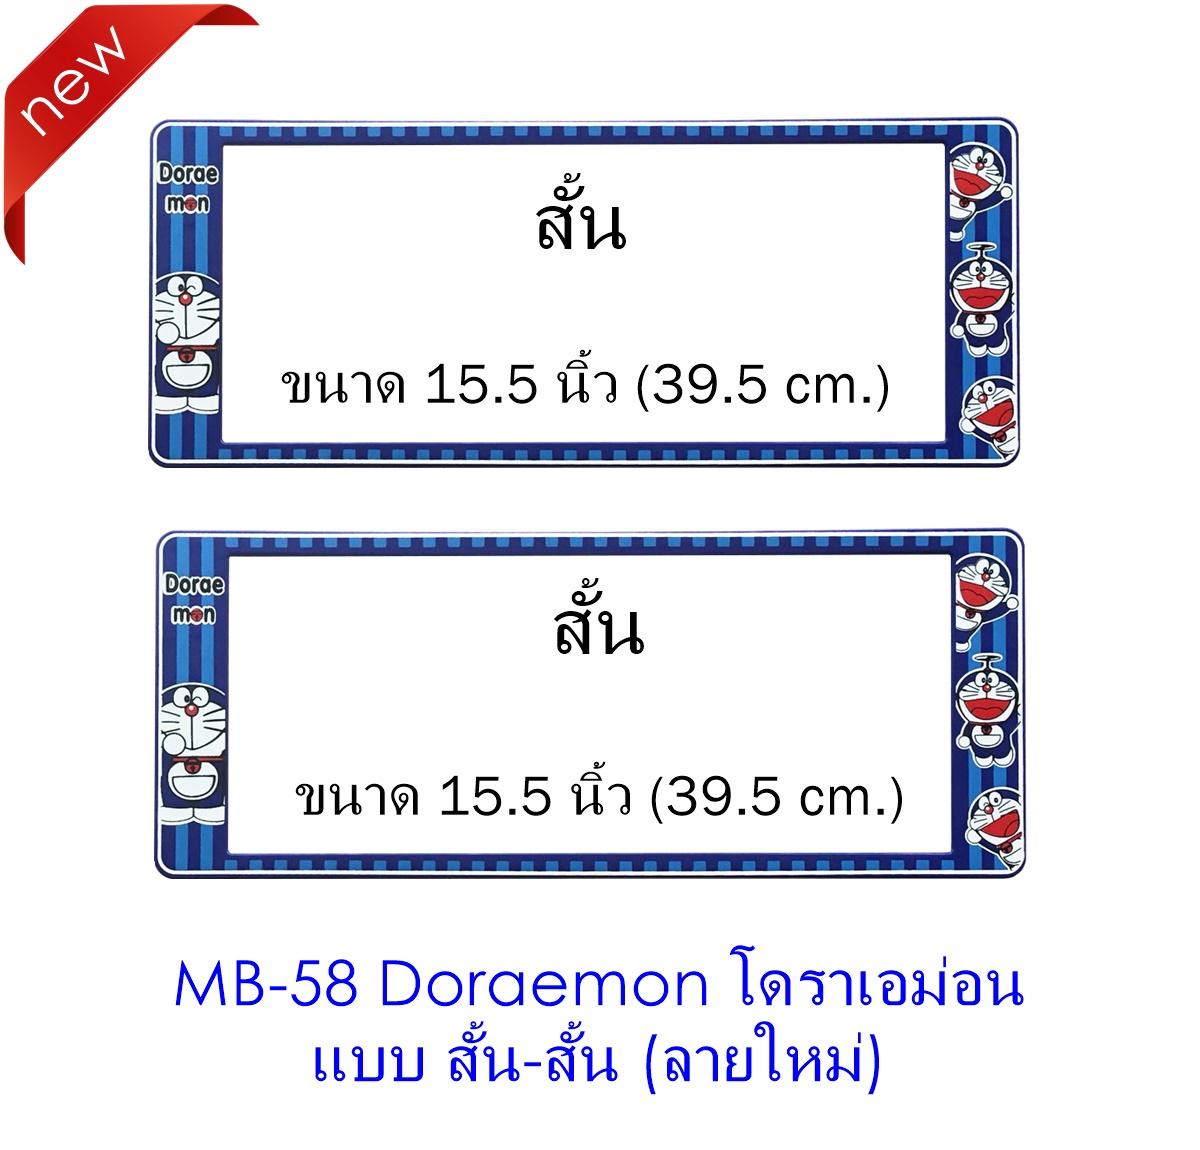 กรอบป้ายทะเบียนรถยนต์กันน้ำ MB-58 Doraemon มี แบบสั้น-สั้น ระบบล็อค 8 จุด มีน็อตอะไหล่ในกล่อง